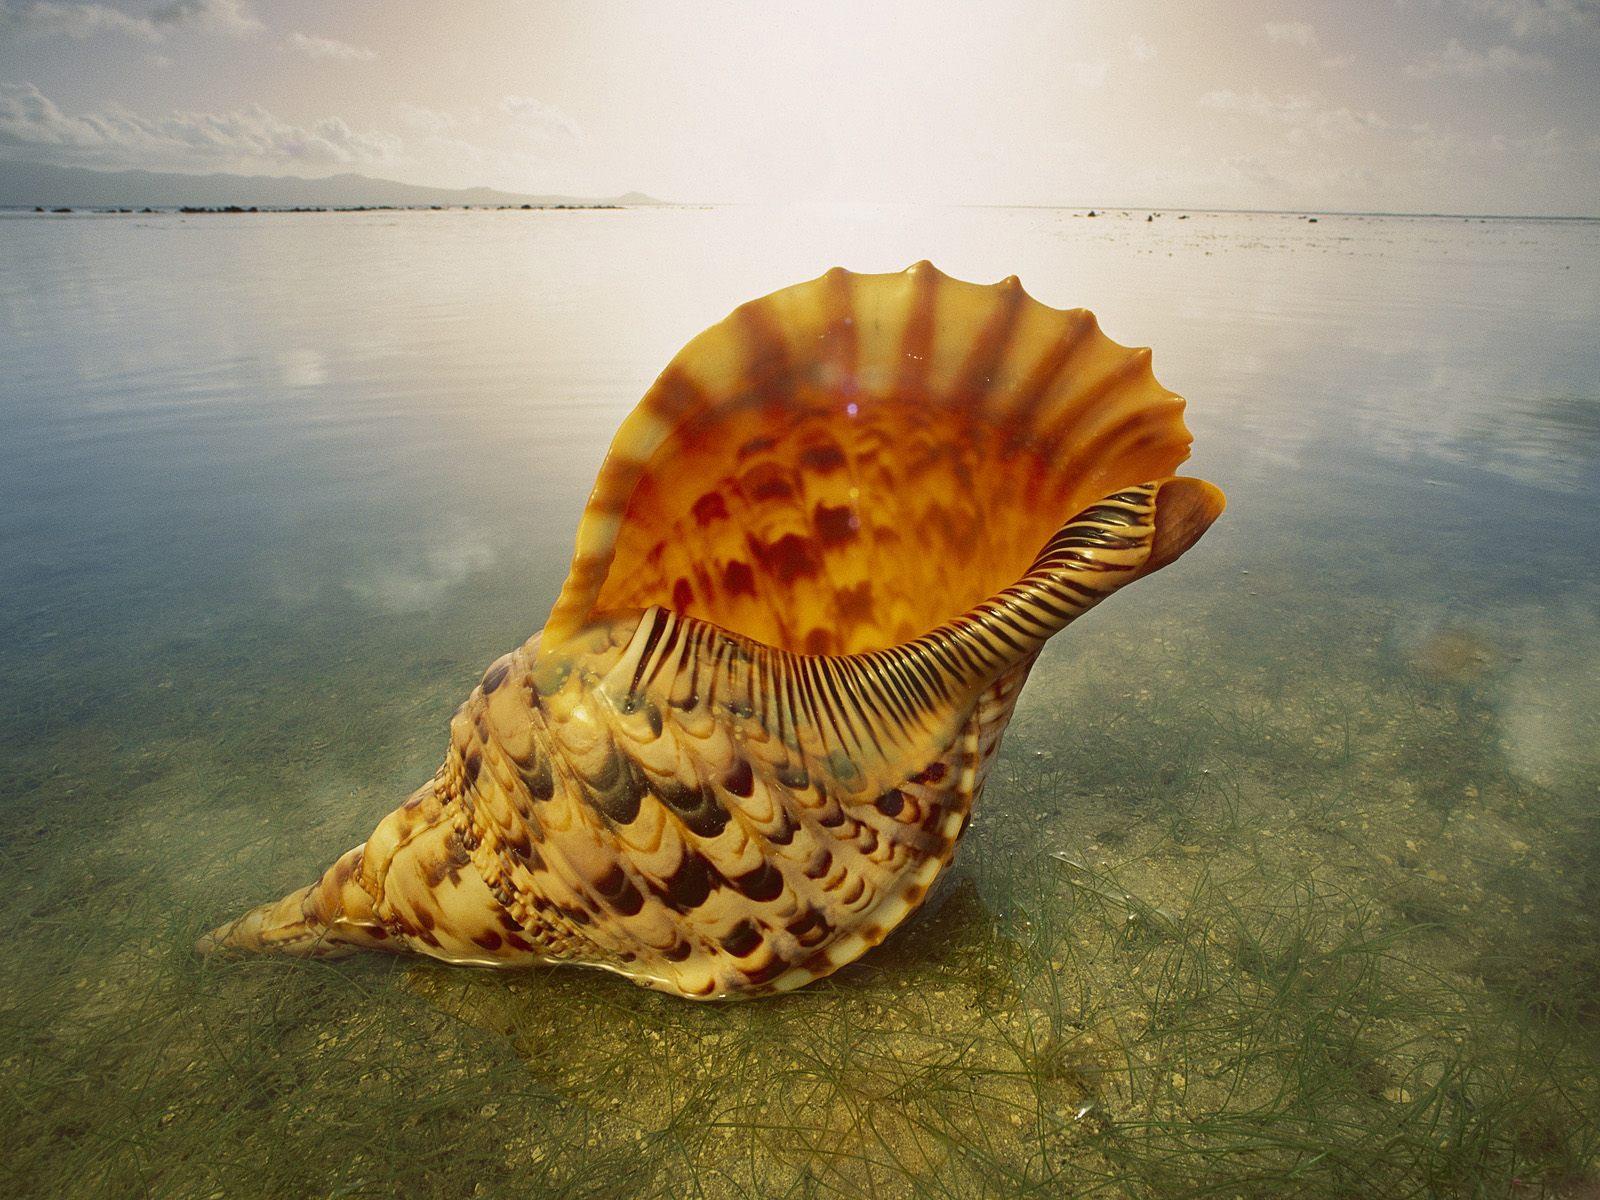 http://3.bp.blogspot.com/-2l9oUkYczdc/TkrTWhrRC9I/AAAAAAAALlE/n9gch2wGzrU/s1600/Underwater+Wallpapers+%252829%2529.jpg